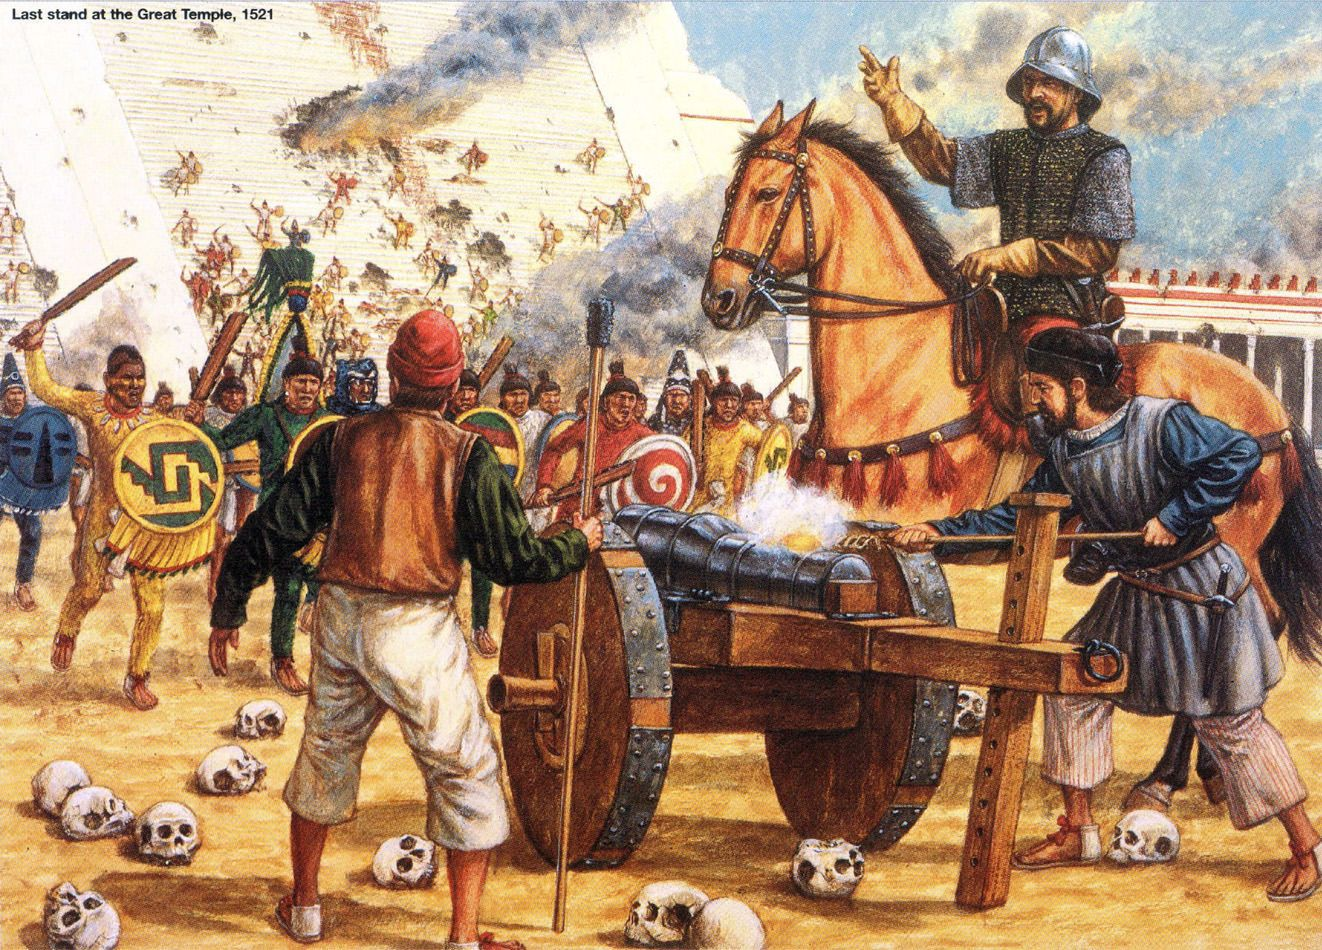 1521, conquista de Tenochtitlan, los aztecas ofrecen la última defensa  frente al Templo Mayor